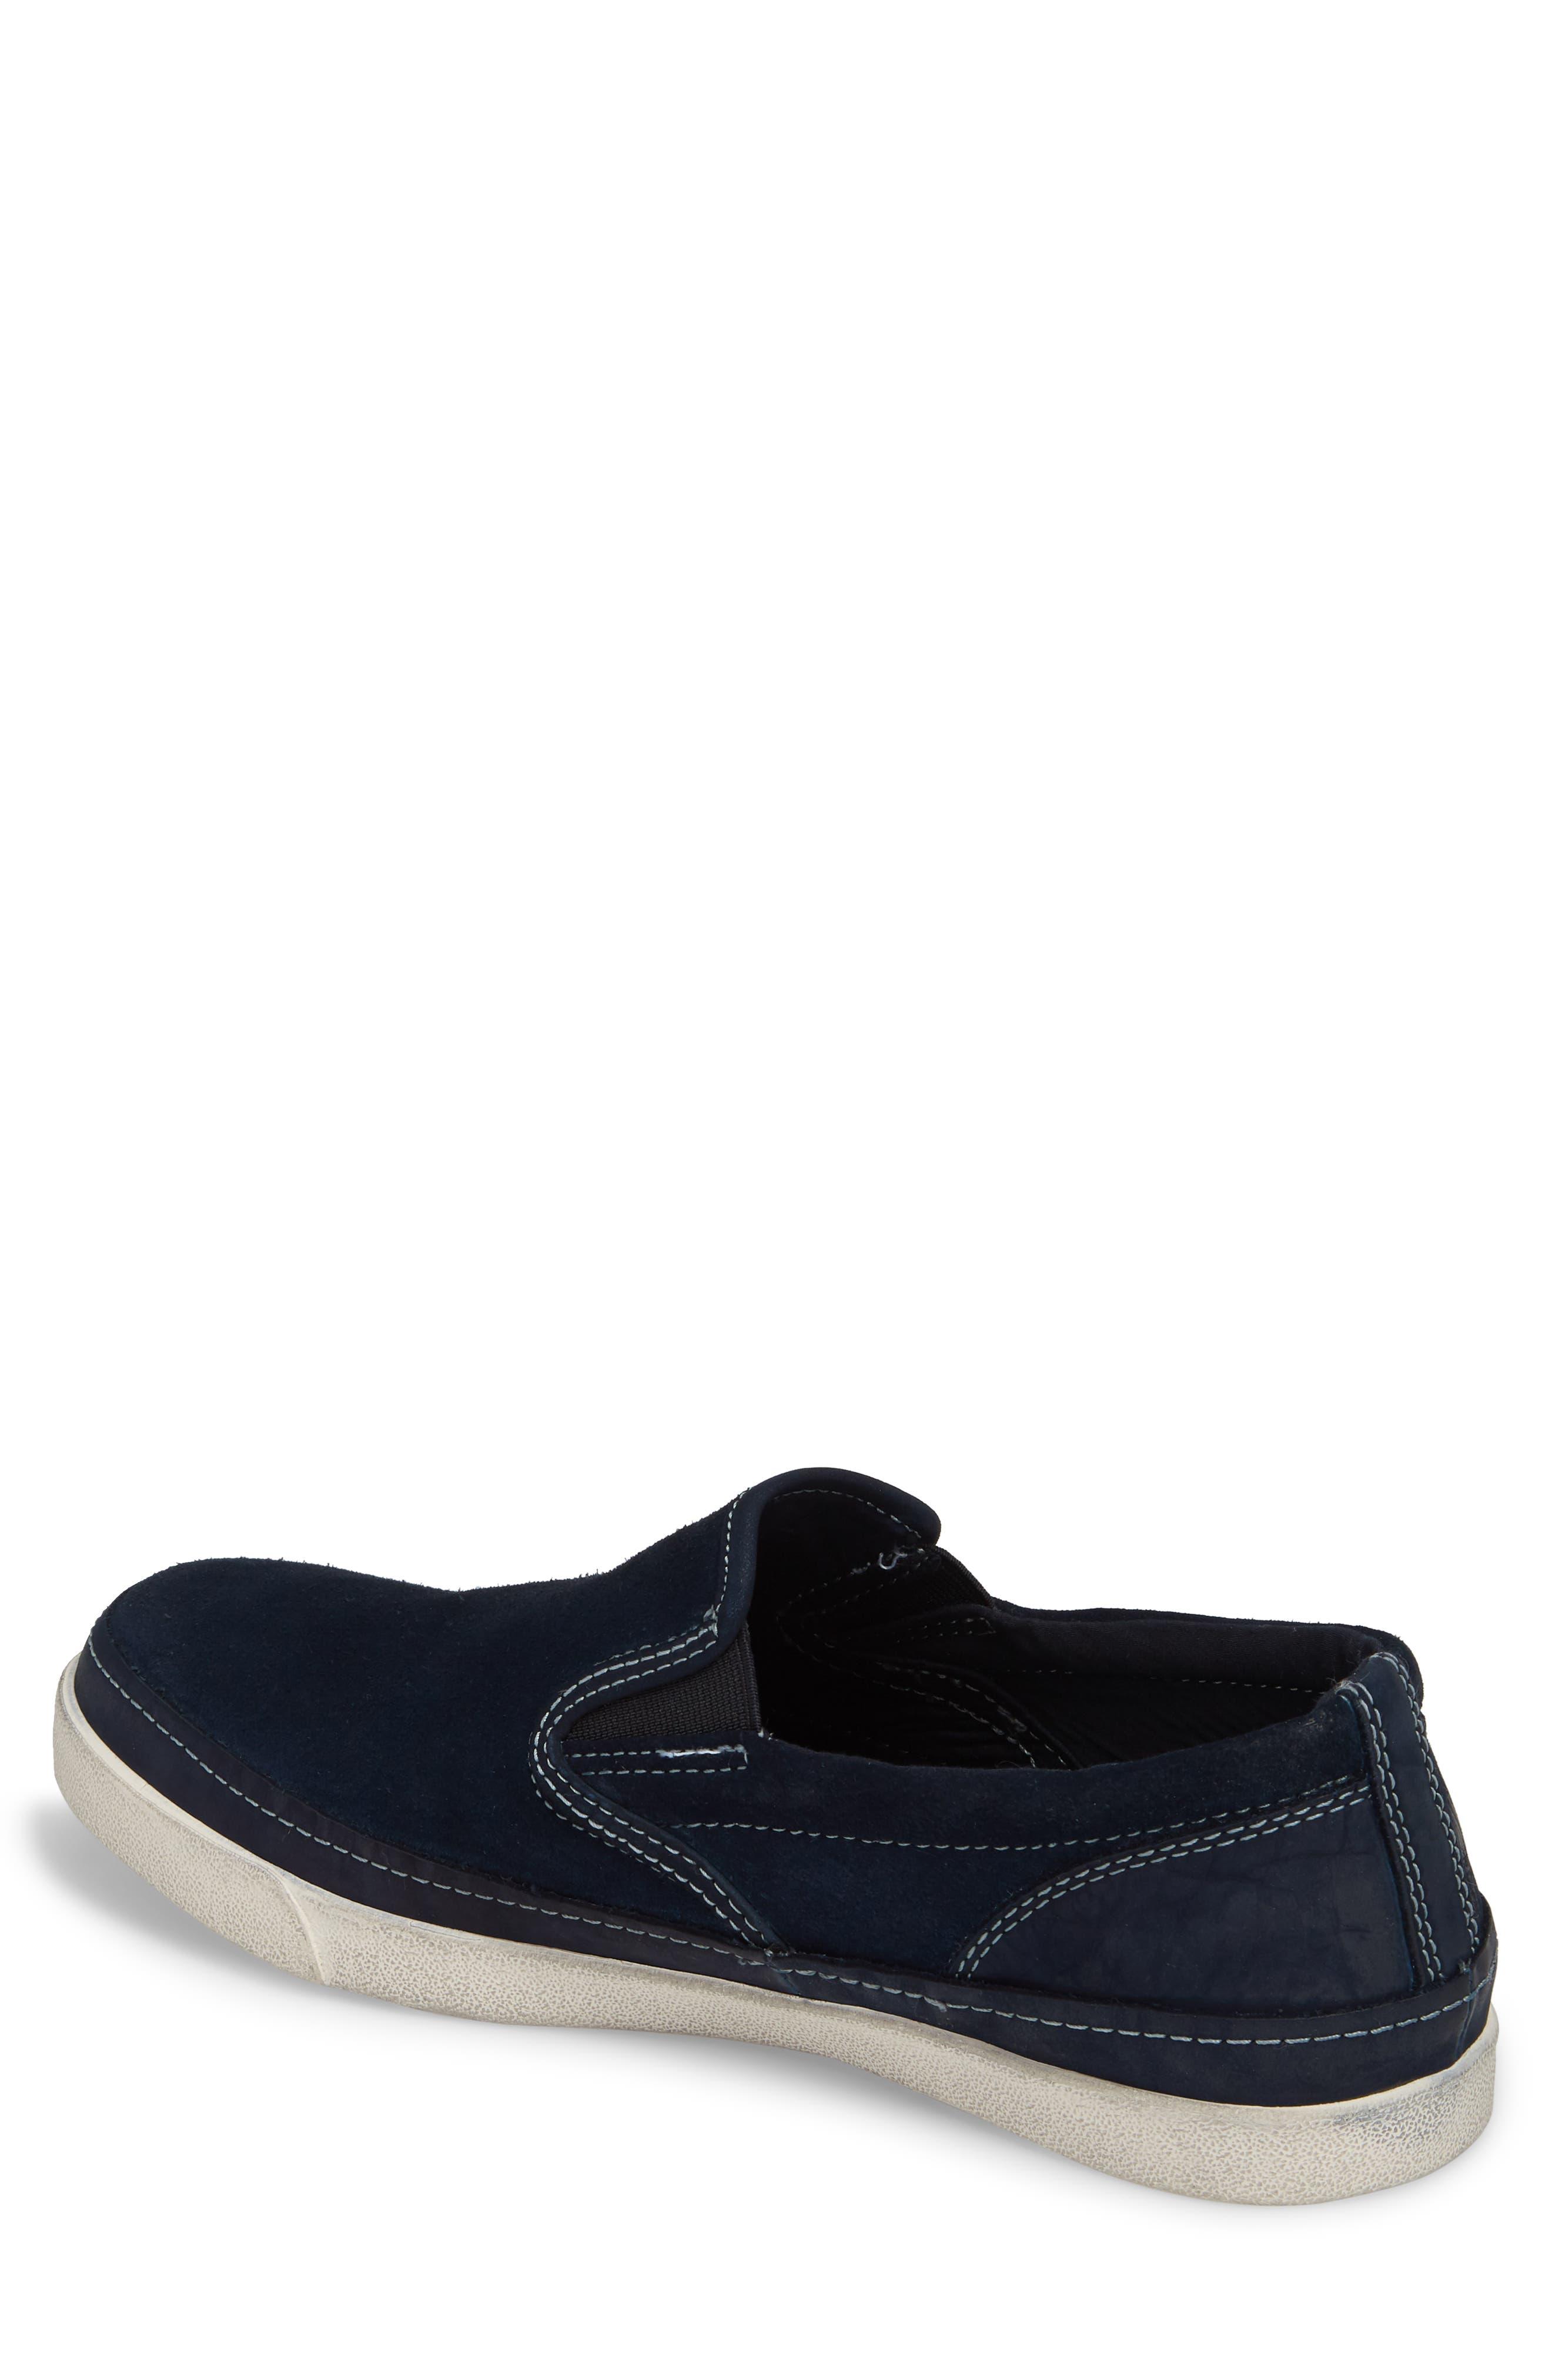 Jett Slip-On Sneaker,                             Alternate thumbnail 2, color,                             MIDNIGHT